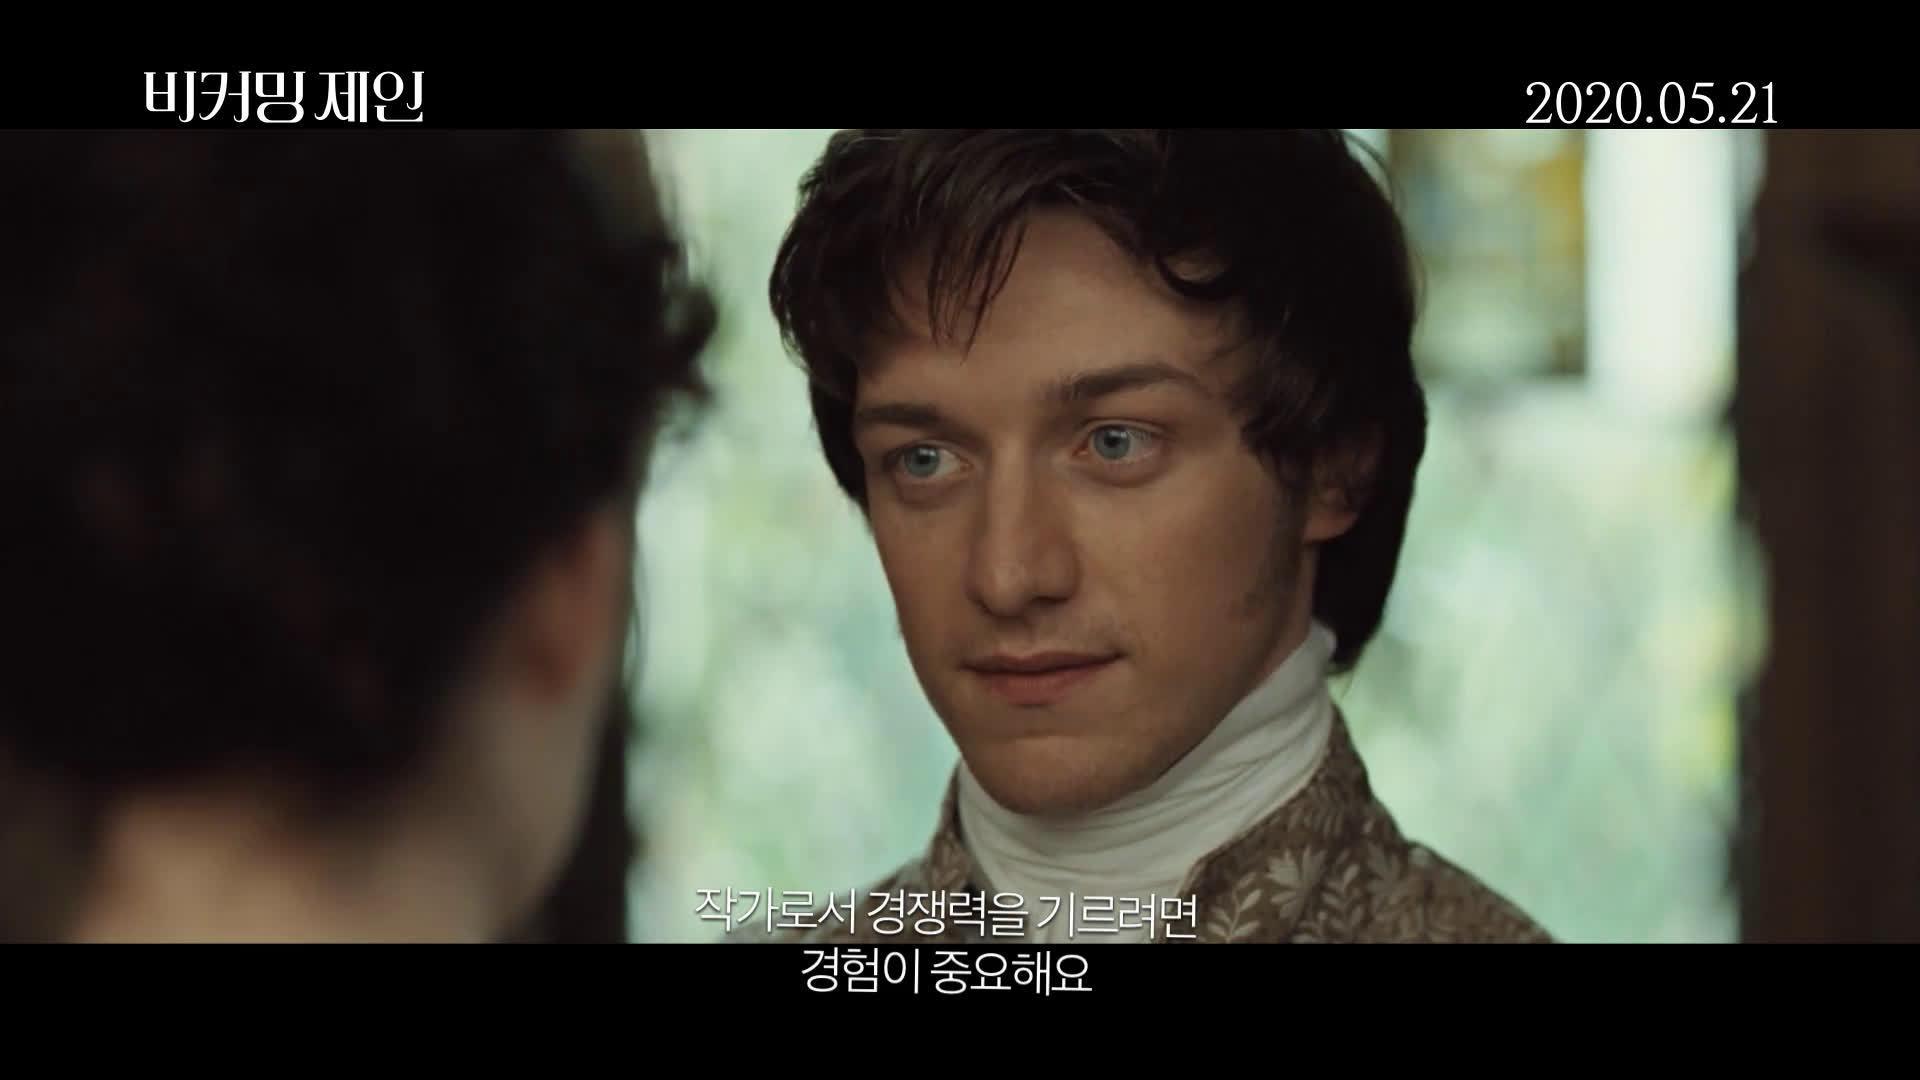 安妮·海瑟薇、詹姆斯·麦卡沃伊主演的爱情/传记片《成为简·奥斯汀》发布韩国重映版预告片……